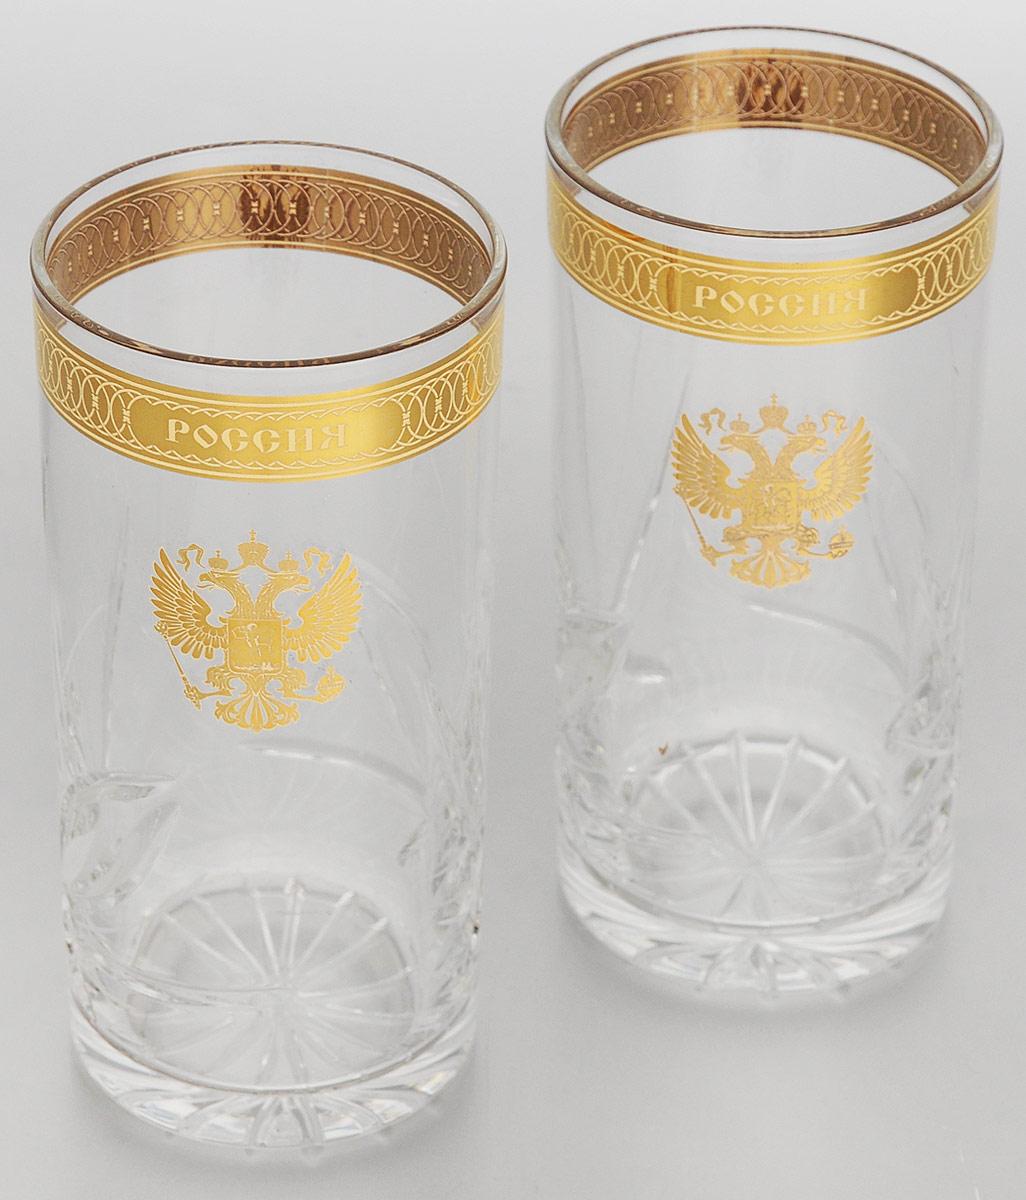 Подарочный набор хрустальных стаканов для коктейлей Герб РФ, 330 мл, 2 штVT-1520(SR)Набор Герб РФ состоит из 2 стаканов, выполненных из прочного высококачественного хрусталя. Стаканы, декорированные оригинальным золотистым орнаментом и надписью, украшены изображением герба Российской федерации. Изделия предназначены для подачи коктейлей и других напитков. Они излучают приятный блеск и издают мелодичный звон. Набор Герб РФ прекрасно оформит интерьер кабинета или гостиной и станет отличным дополнением бара. Такой набор также станет хорошим подарком на любой праздник, будь то Новый год, День рождения или профессиональное торжество. Нельзя мыть в посудомоечной машине и использовать в микроволновой печи. Диаметр (по верхнему краю): 7 см.Диаметр основания: 6 см.Высота: 14 см.